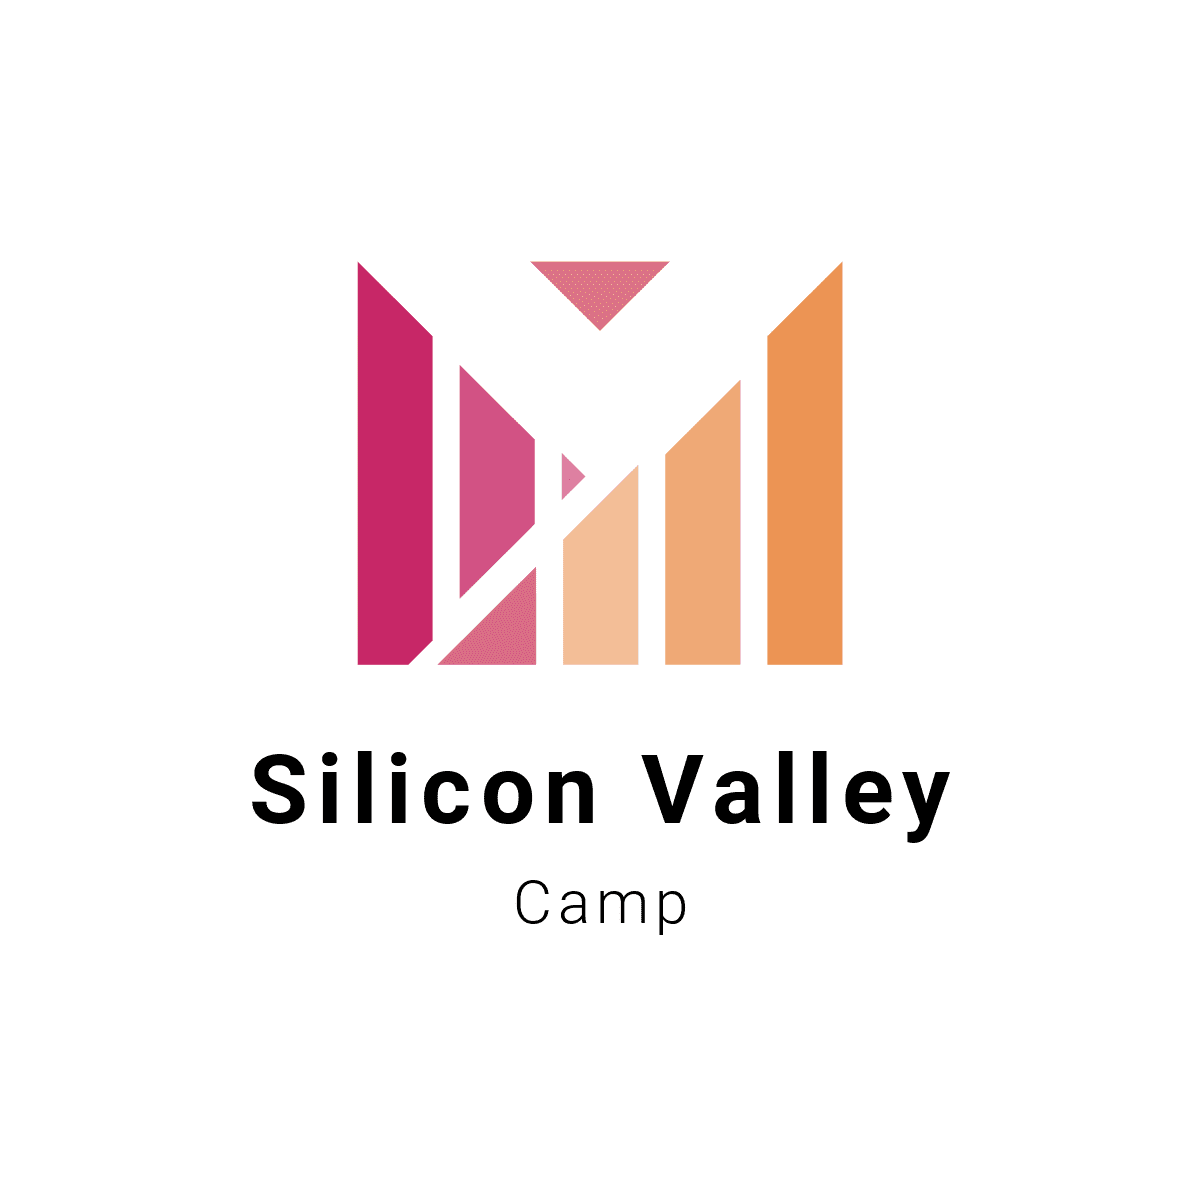 Young Silicon Valley Entrepreneur